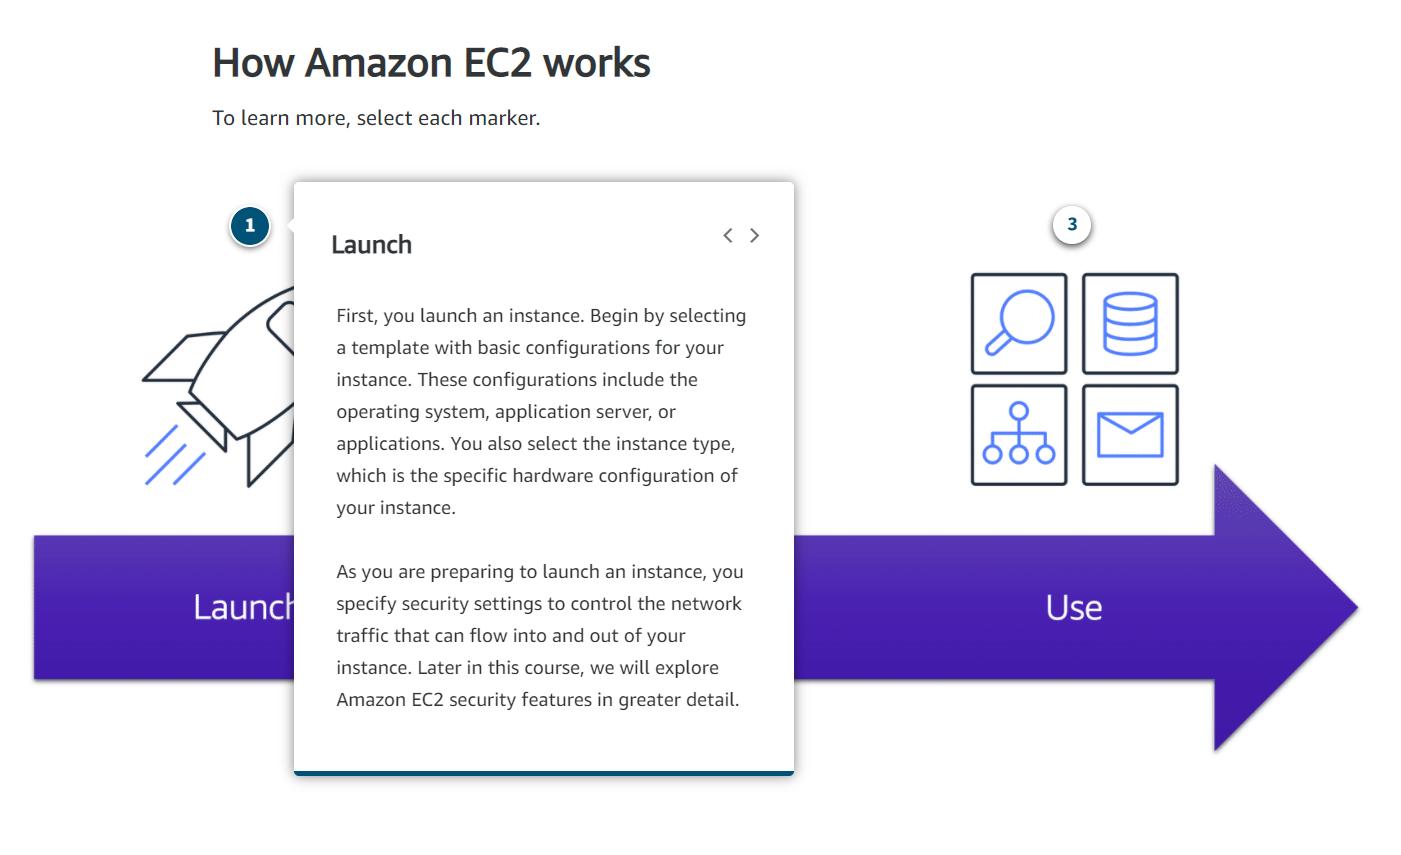 How Amazon EC2 Works